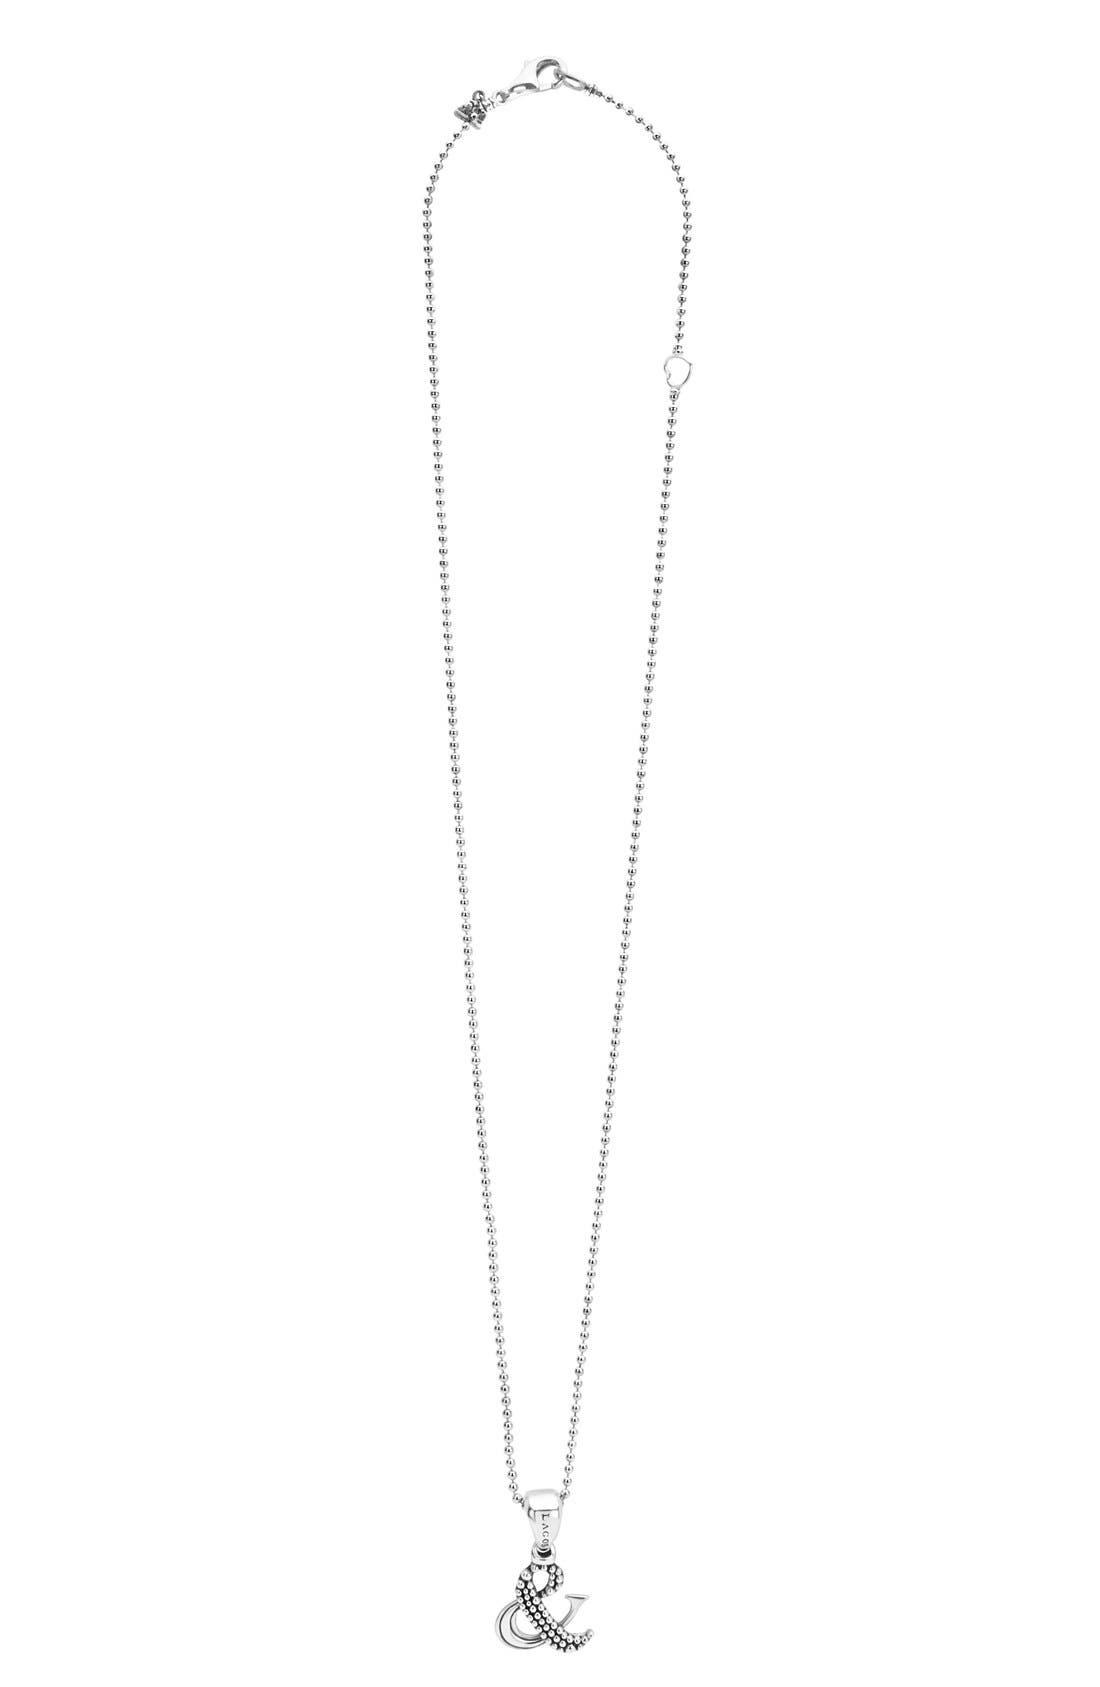 'Beloved' Ampersand Pendant Necklace,                             Alternate thumbnail 2, color,                             STERLING SILVER